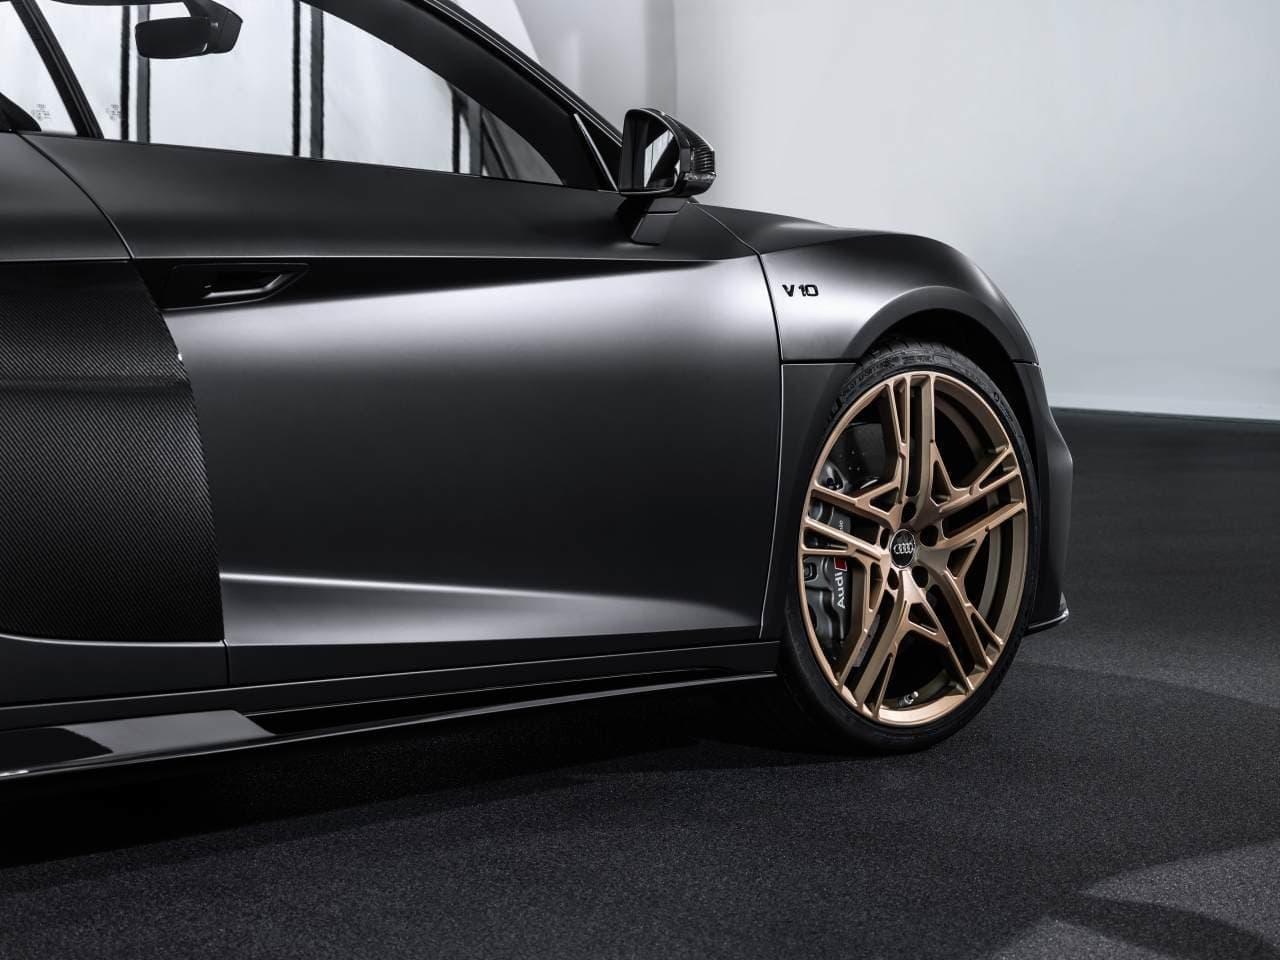 Audi V10エンジン10周年を記念した限定車「R8 V10 Decennium」